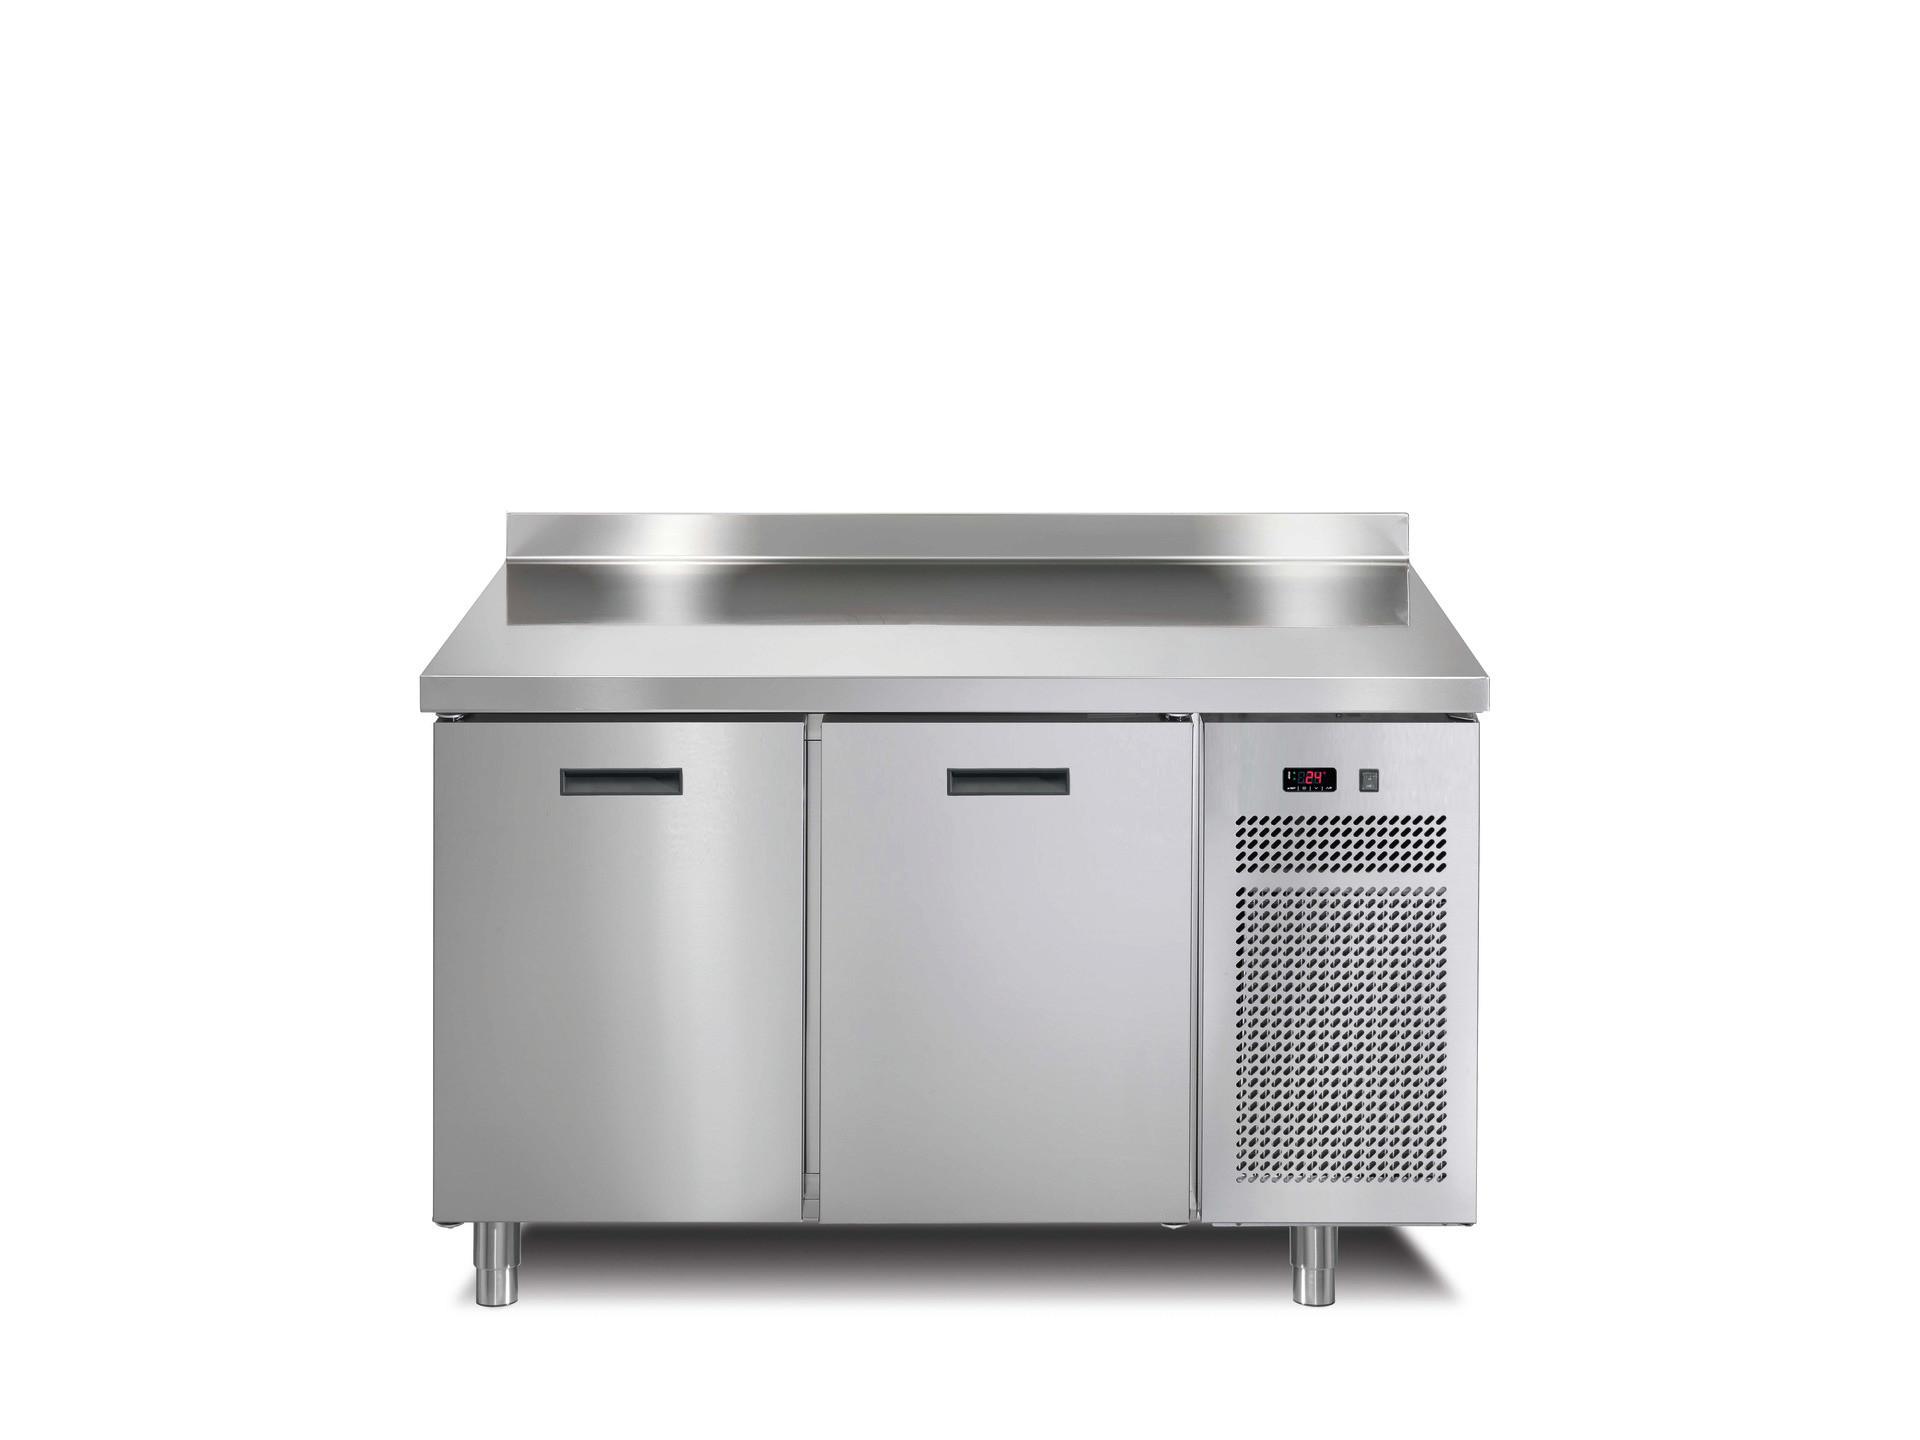 Tiefkühltisch 2 Türen mit 50 mm  Aufkantung